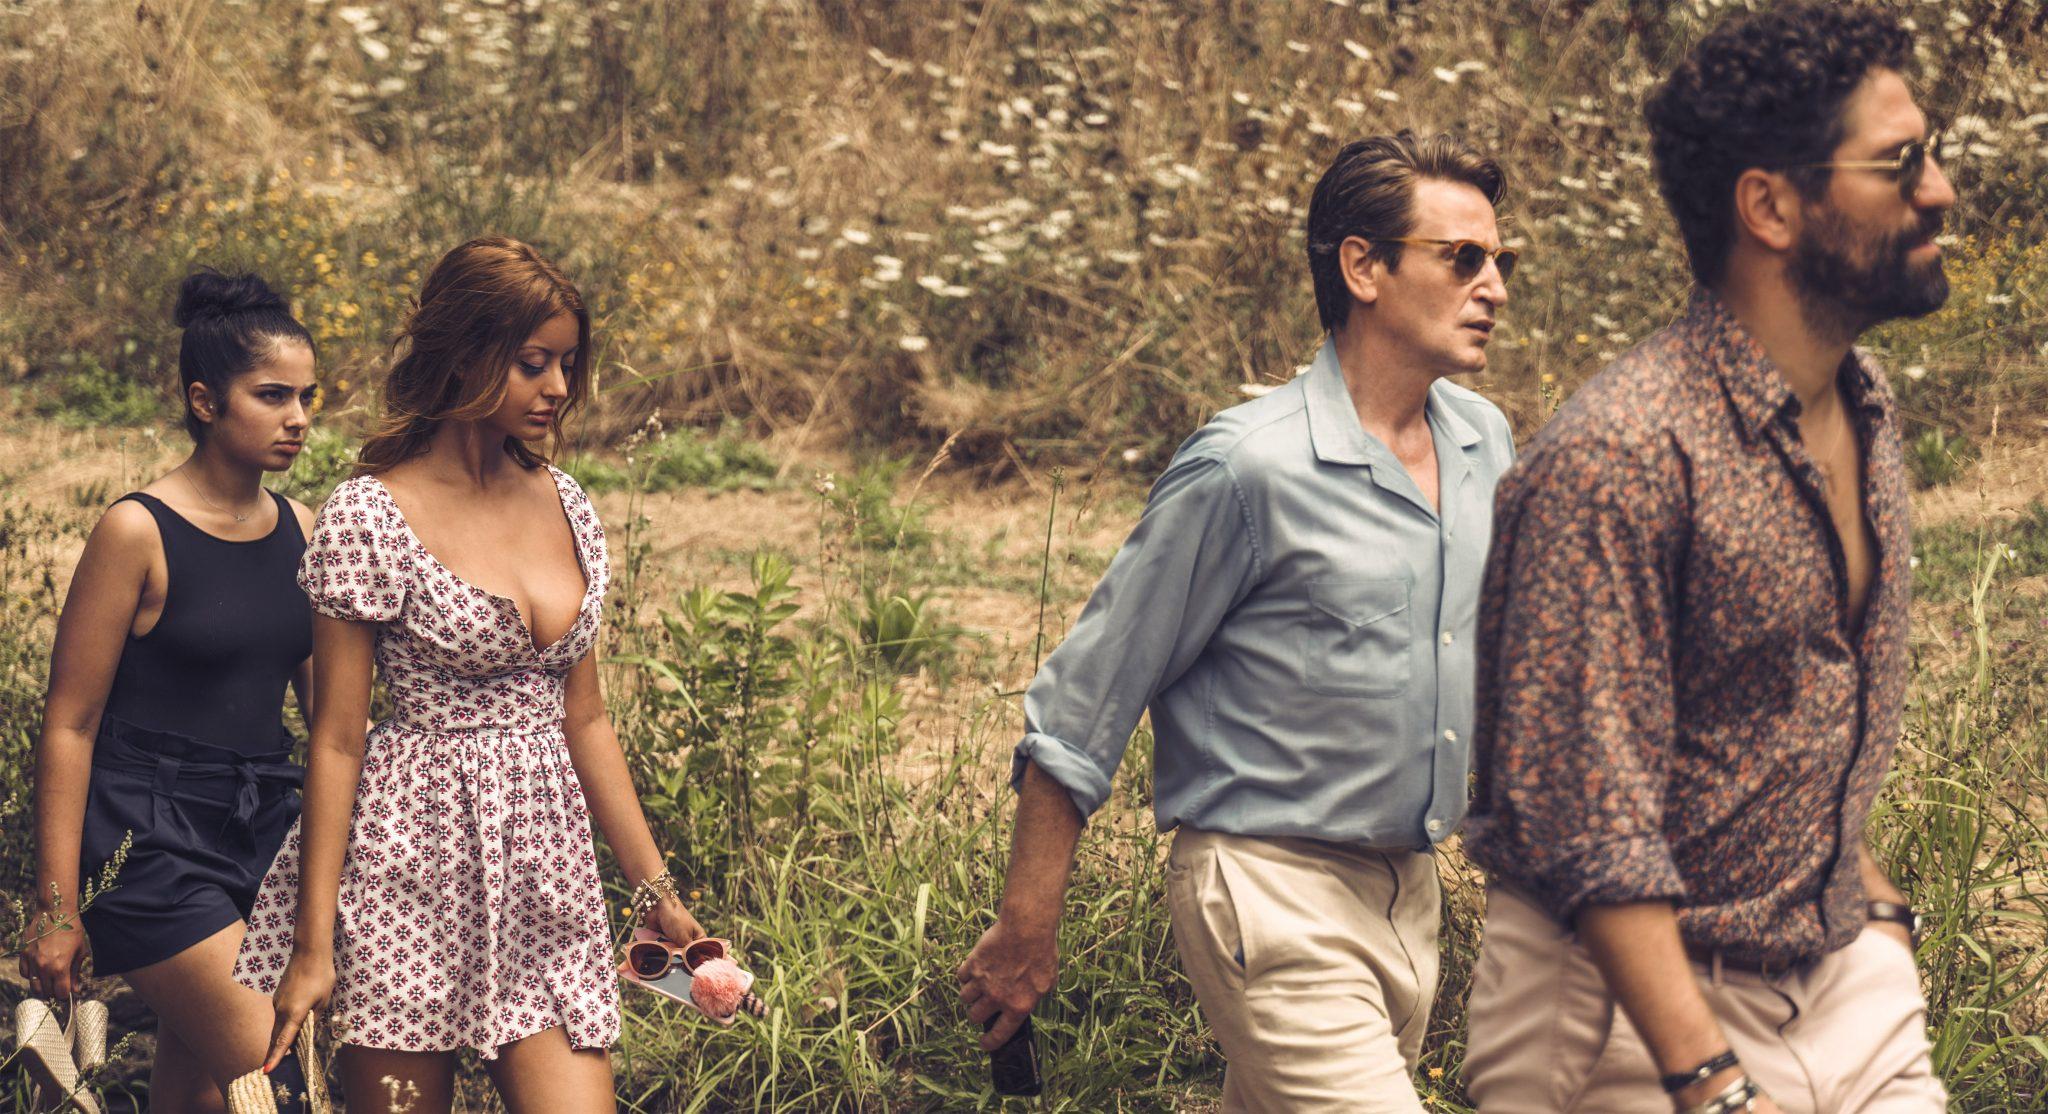 Naïma und Sofia folgen den beiden reichen Männern Andres und Philippe auf einen Ausflug.